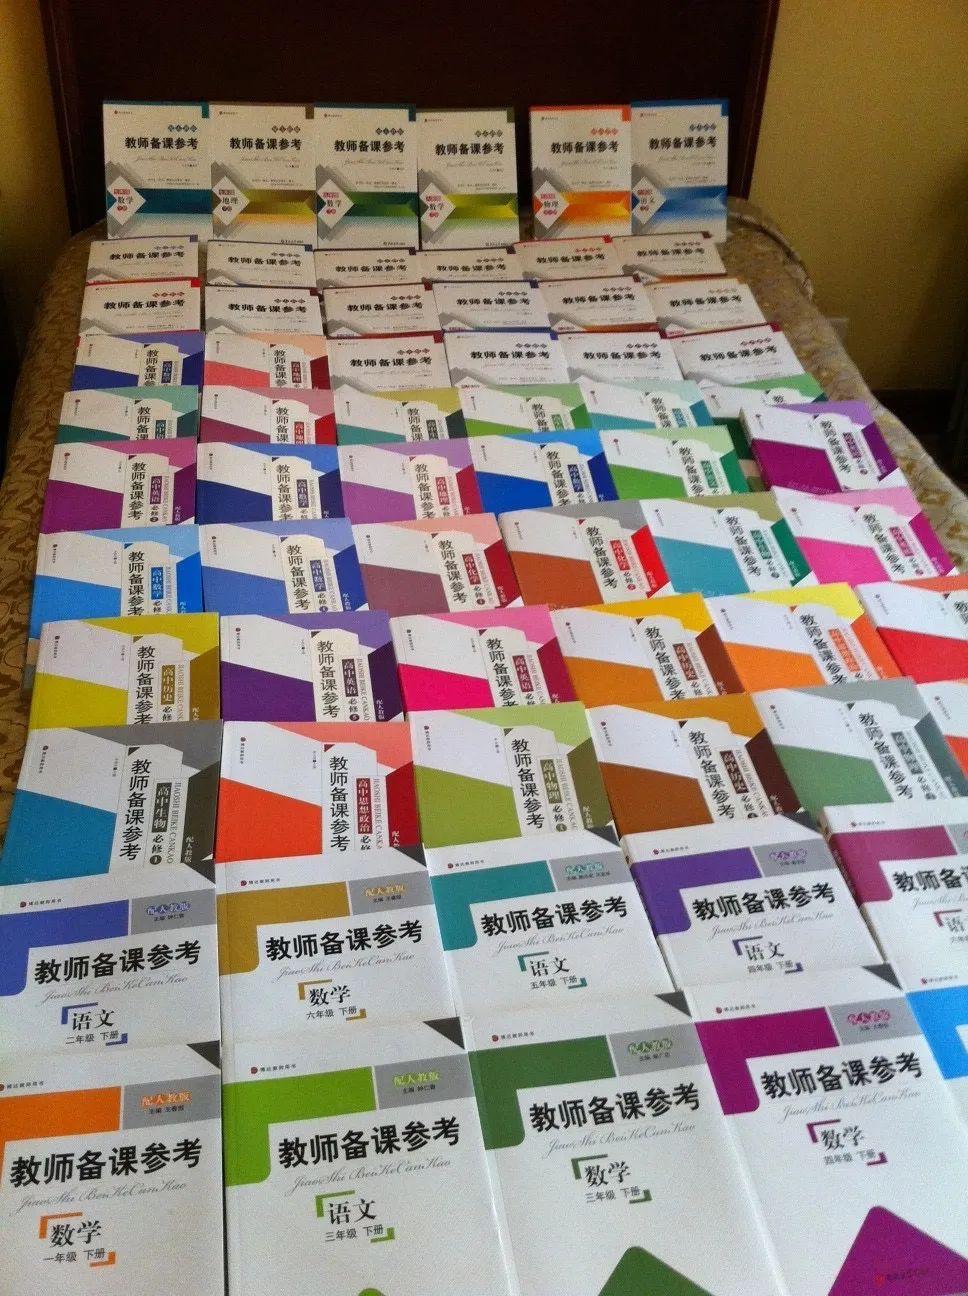 京丰宾馆往事:书放床上卖,钱拿尺子量-出版人杂志官网